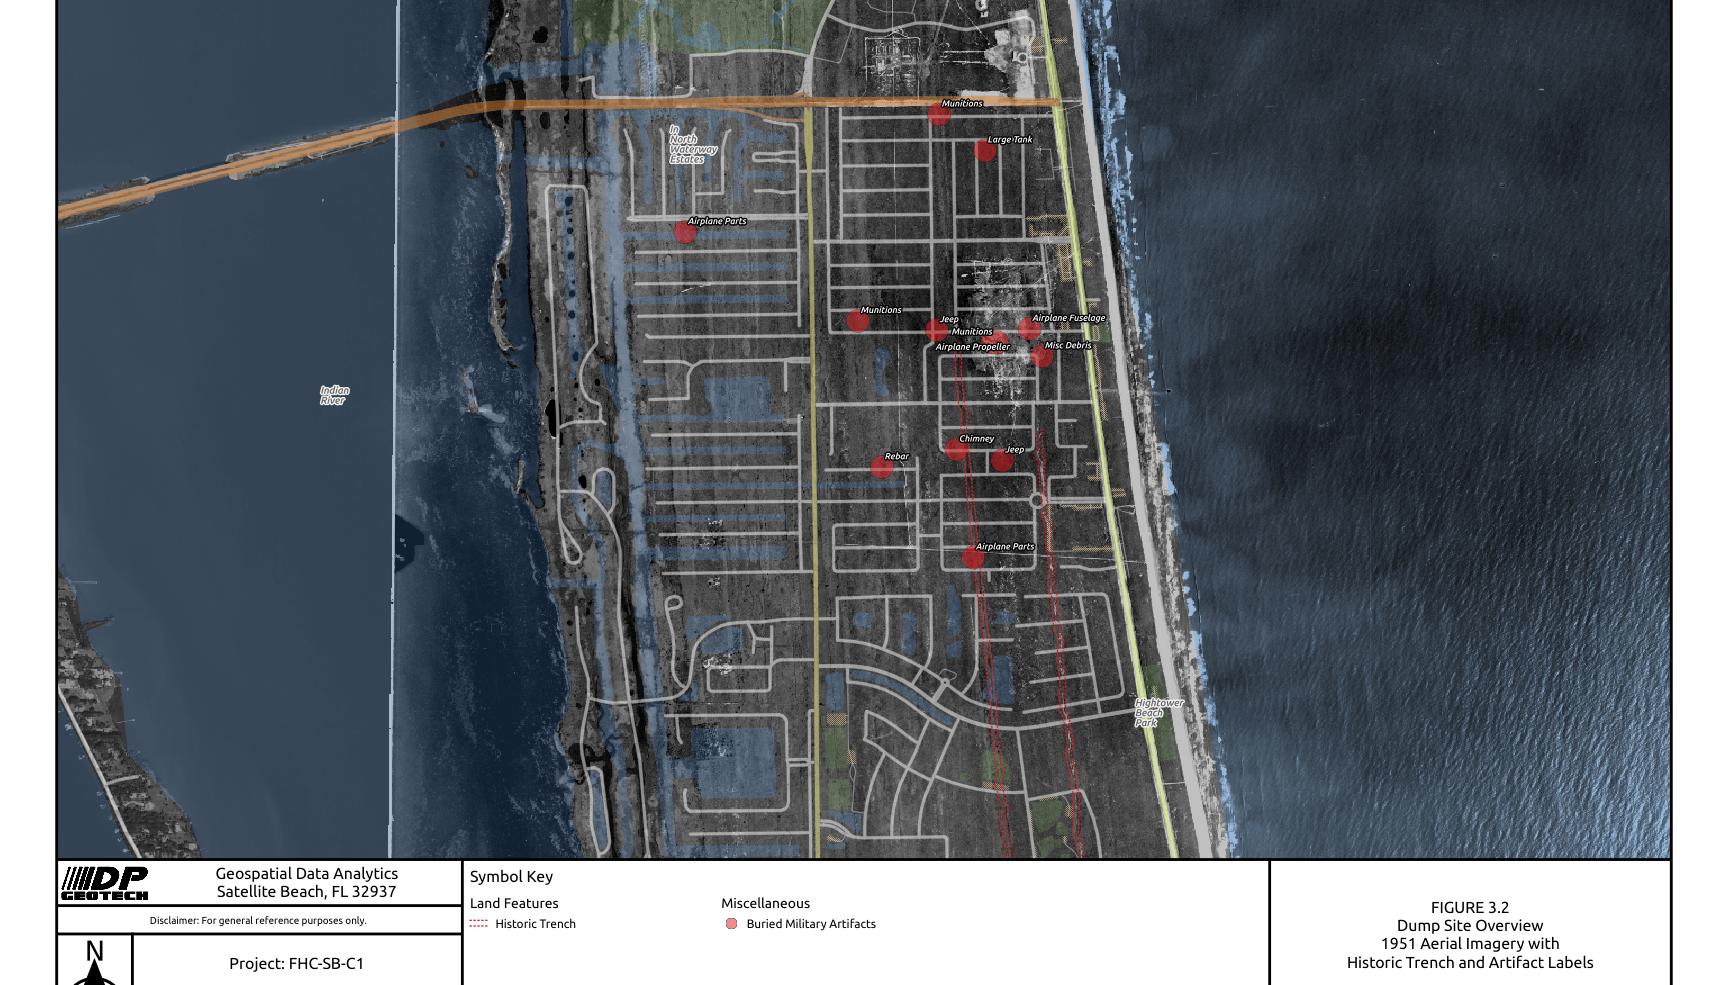 1951 Dumpsite Overview of South Patrick Shores